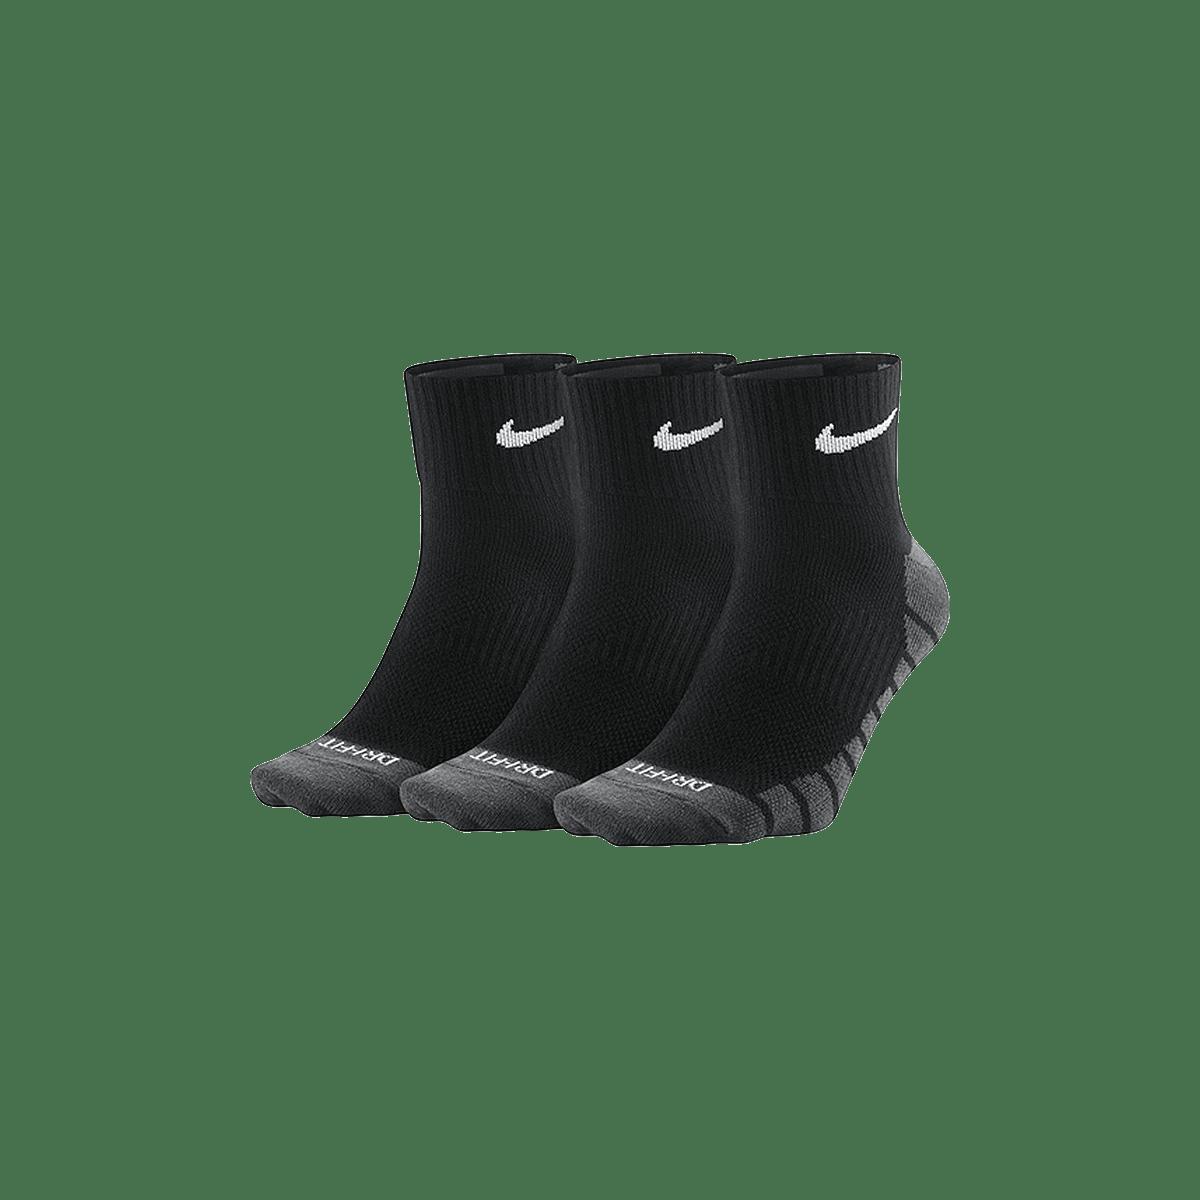 Lot de 3 paires de chaussettes Nike Lightweight Quarter noirgris